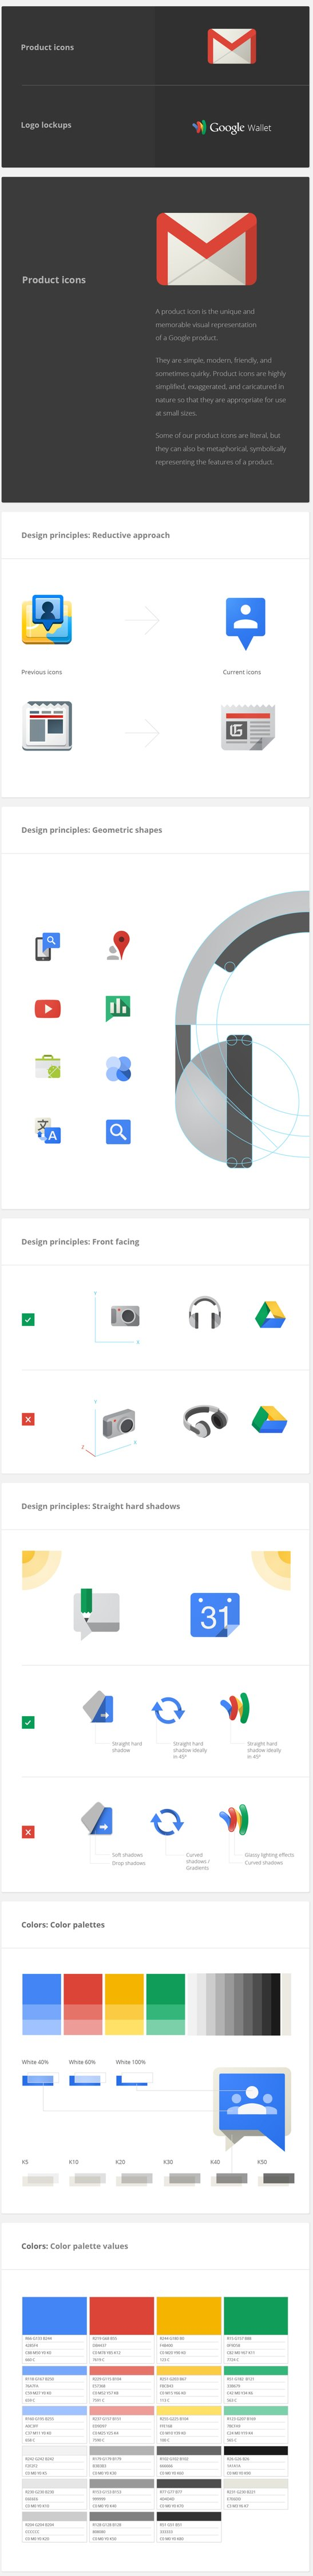 Обнародованы принципы дизайна Google. Изображение № 2.